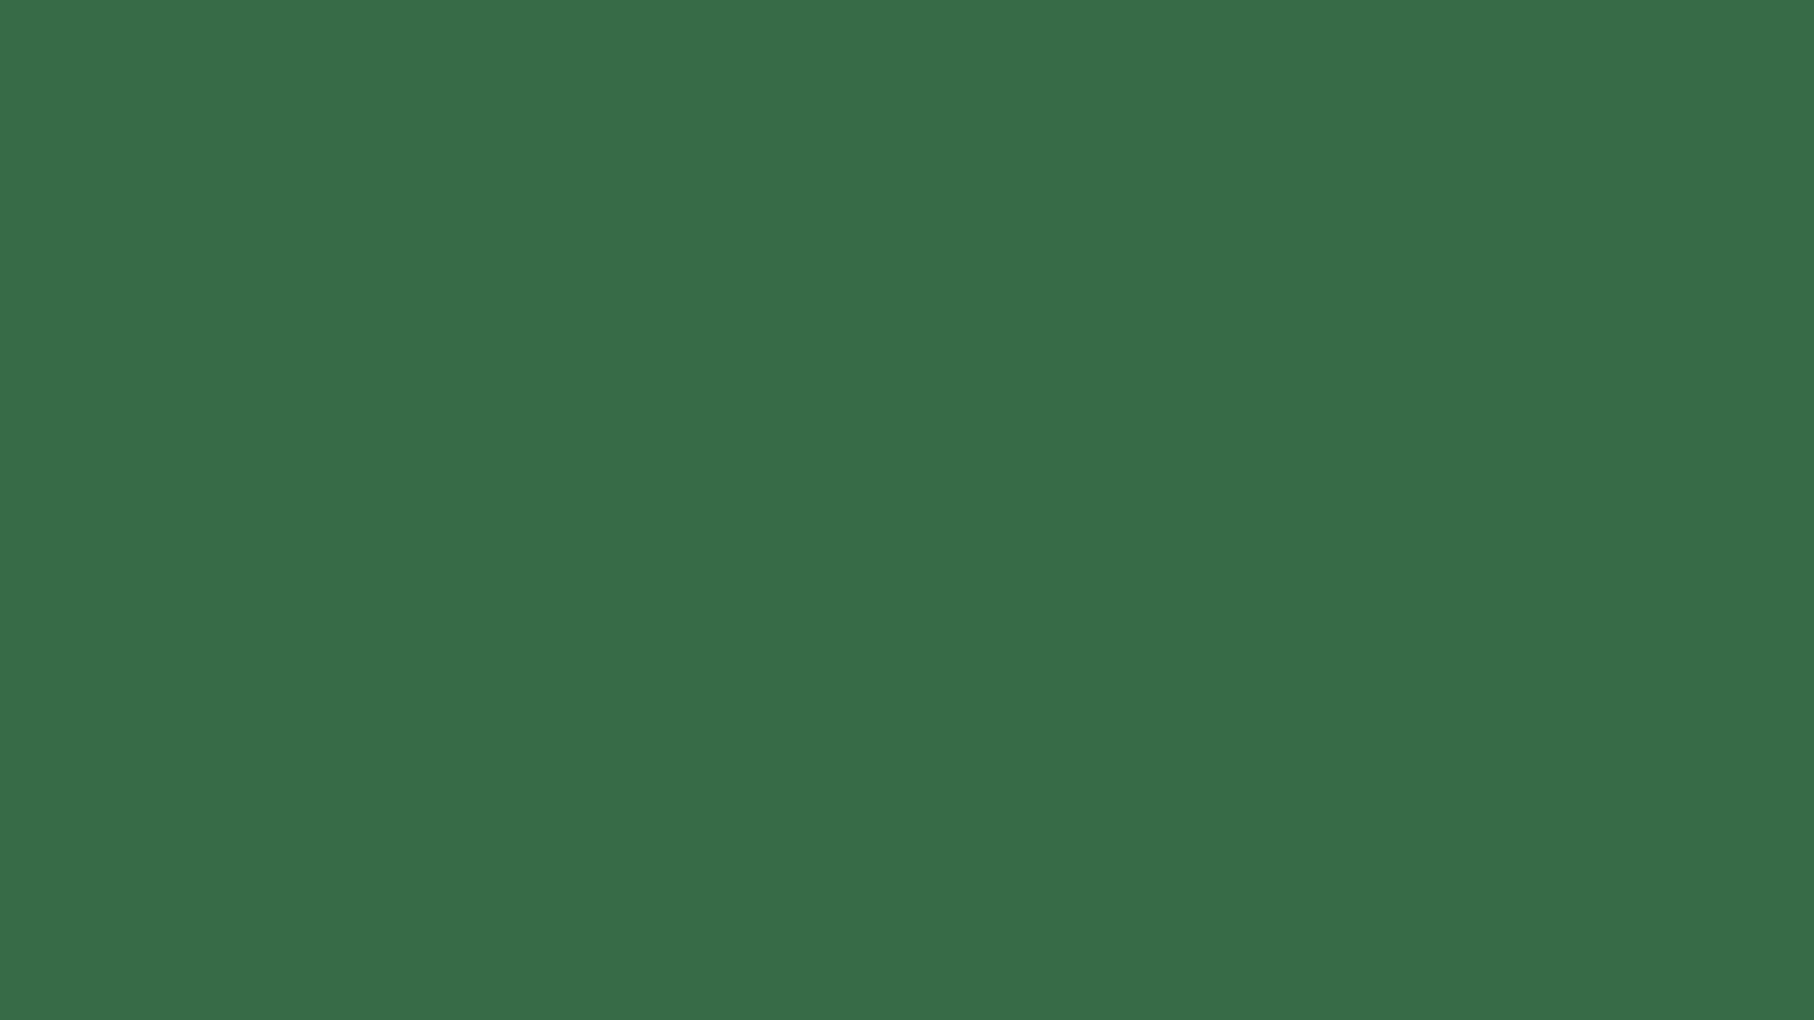 base verde.001.png